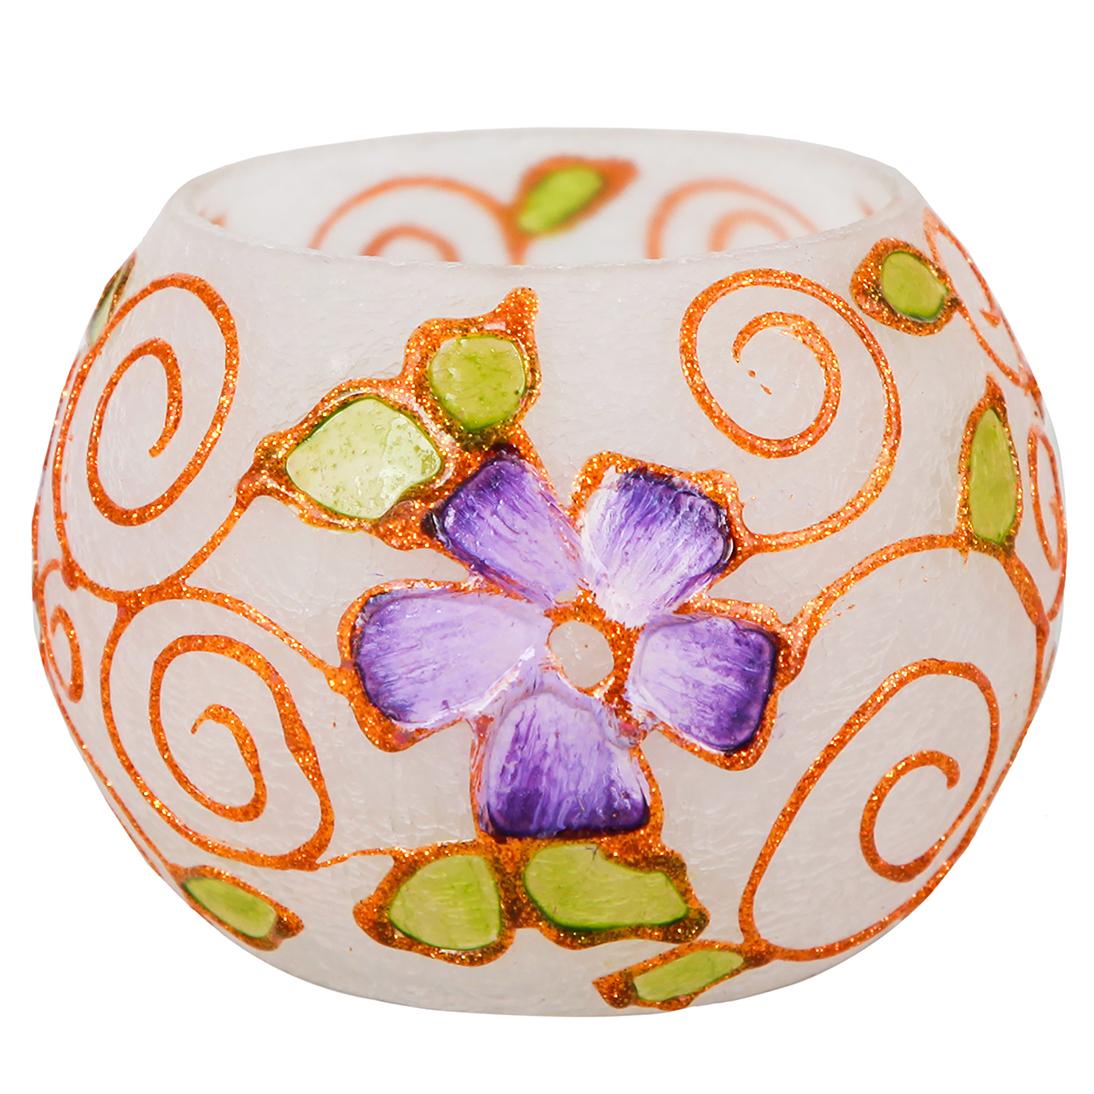 خرید                      جاشمعی شیشه ای طرح گلبهار  کد 156021